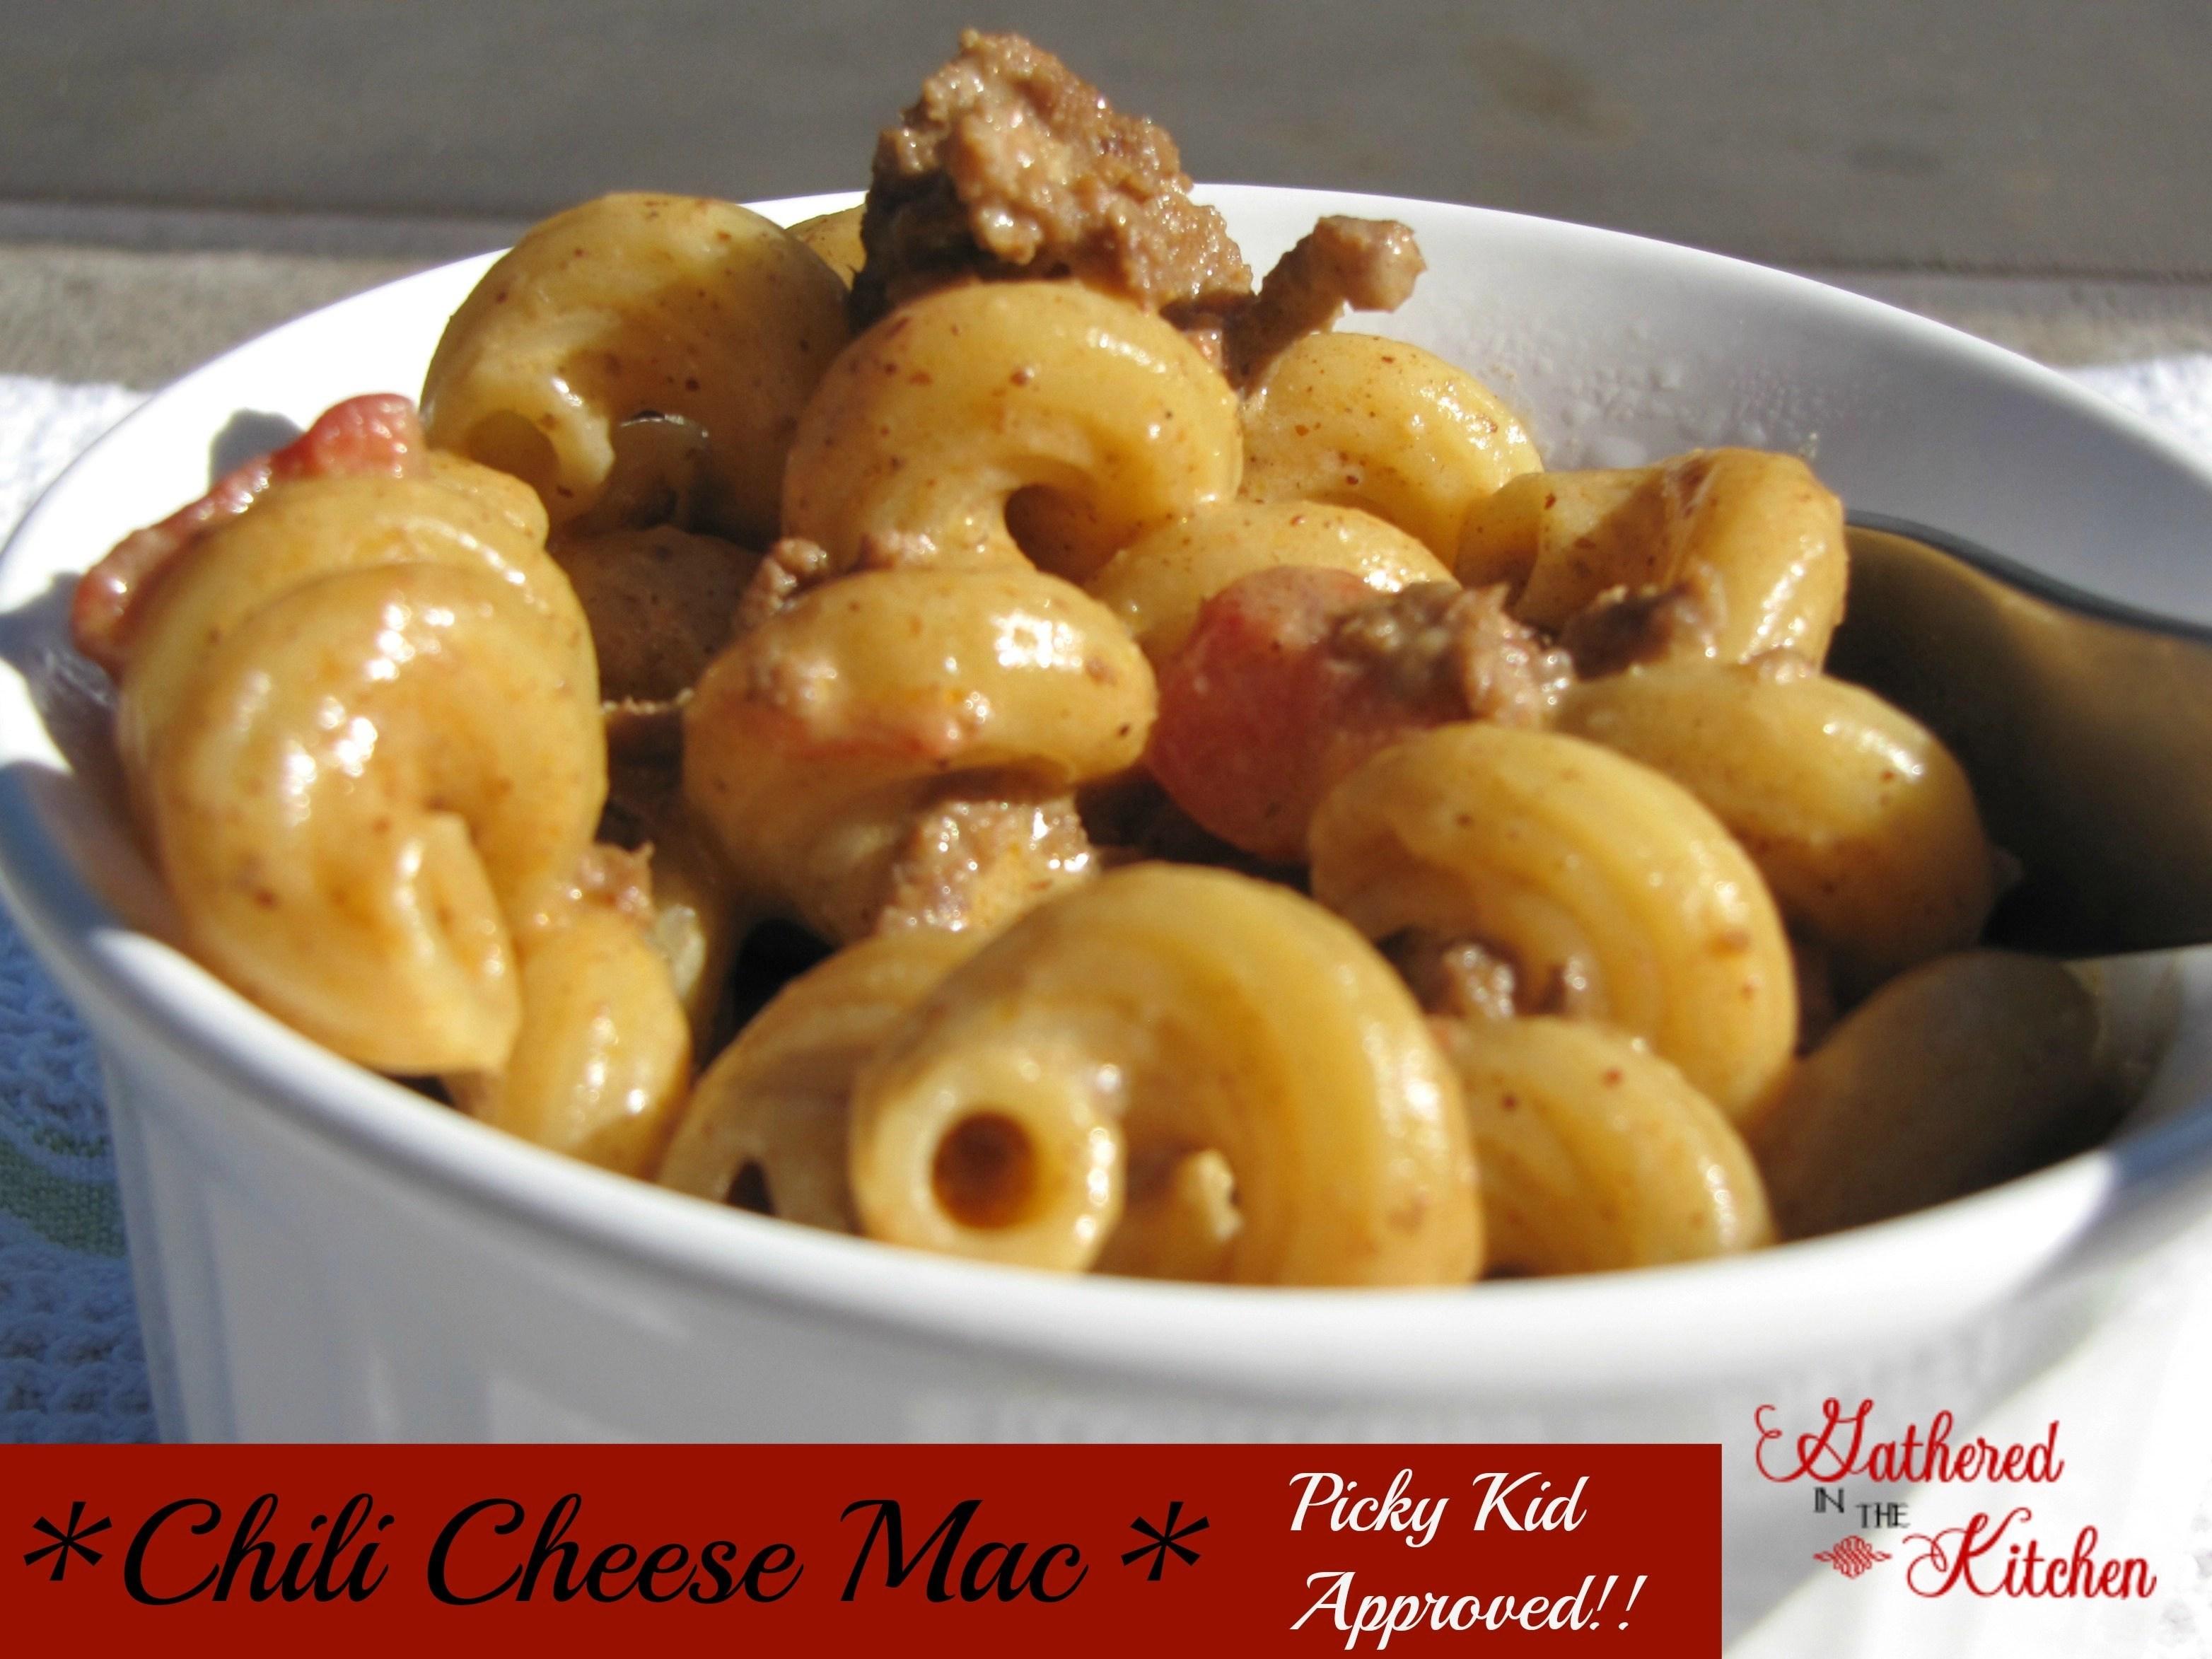 Chili Cheese Mac Recipe